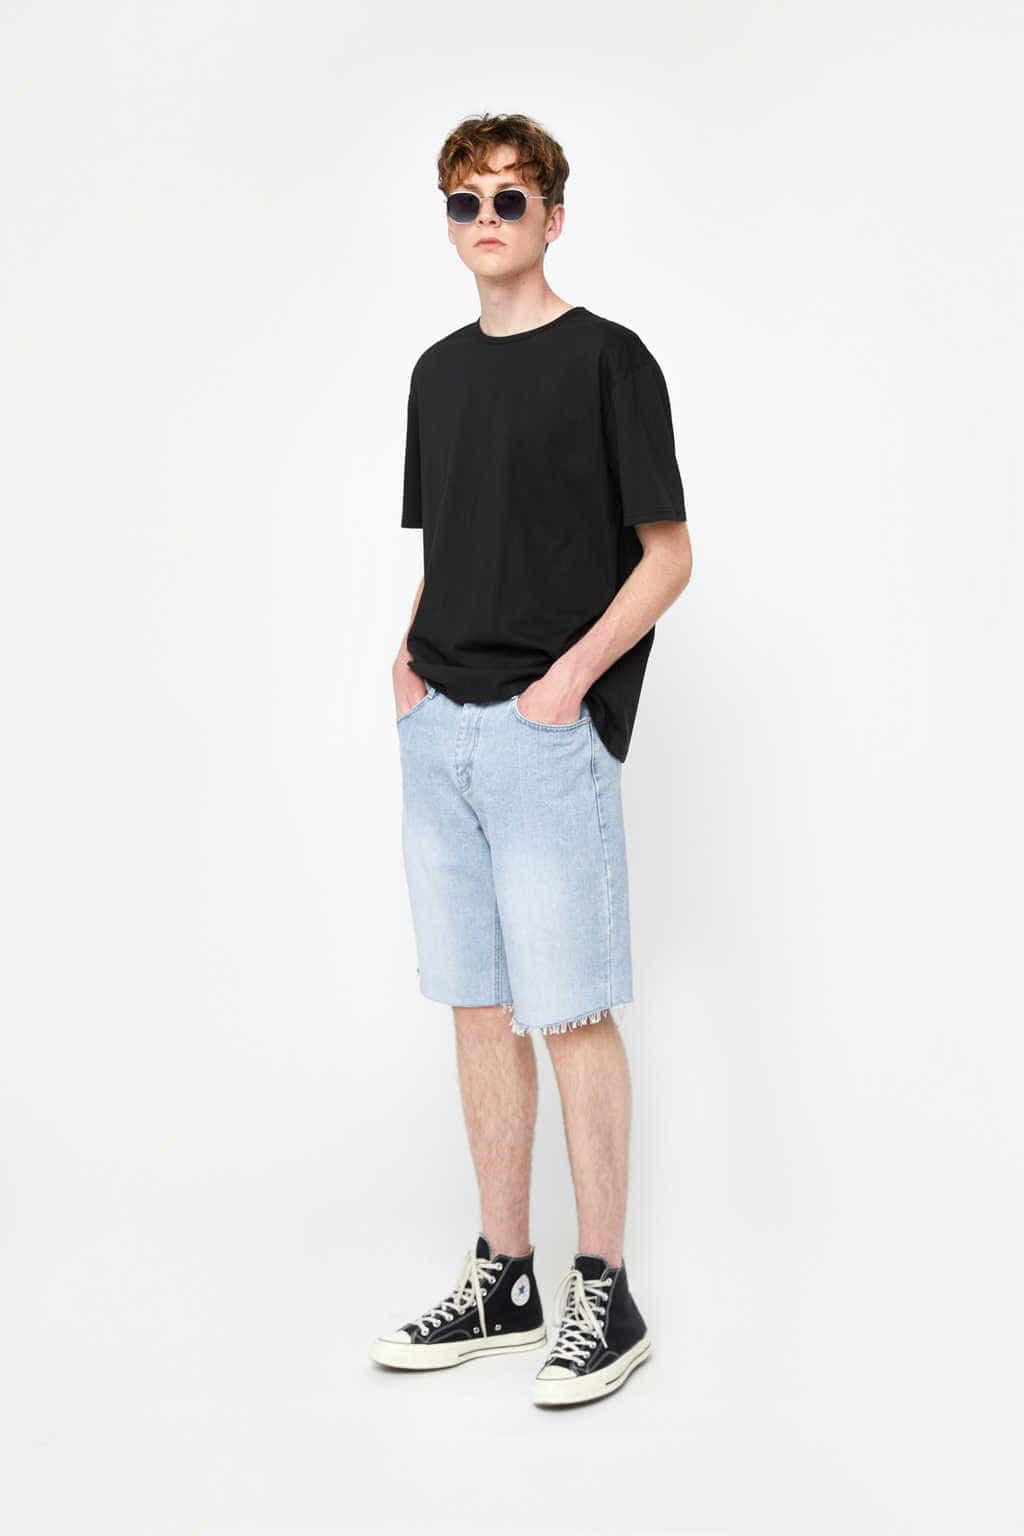 TShirt K011M Black 10